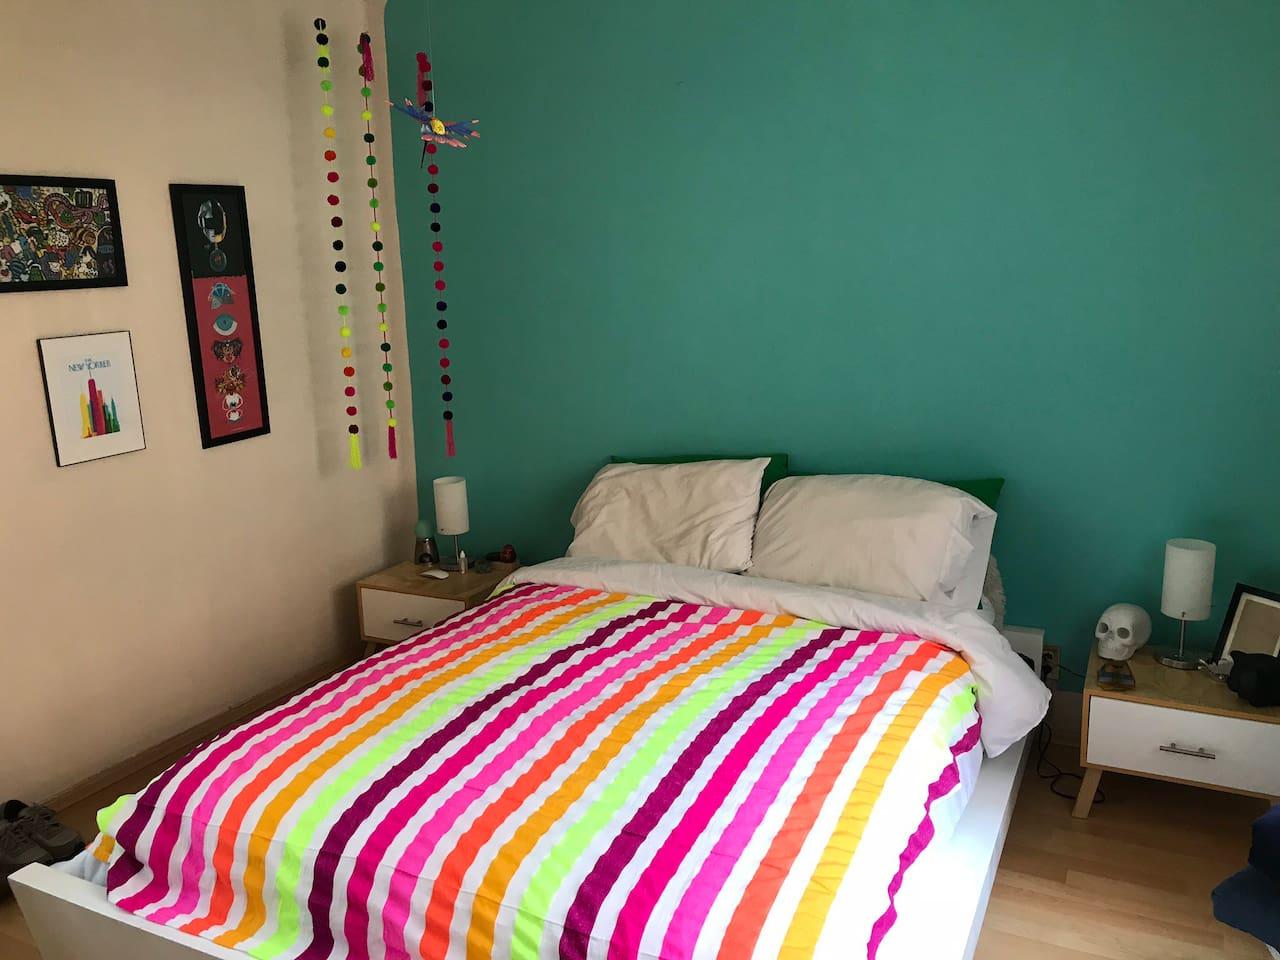 Todo es muy colorido en mi apartamento porque me encanta el arte mexicano.